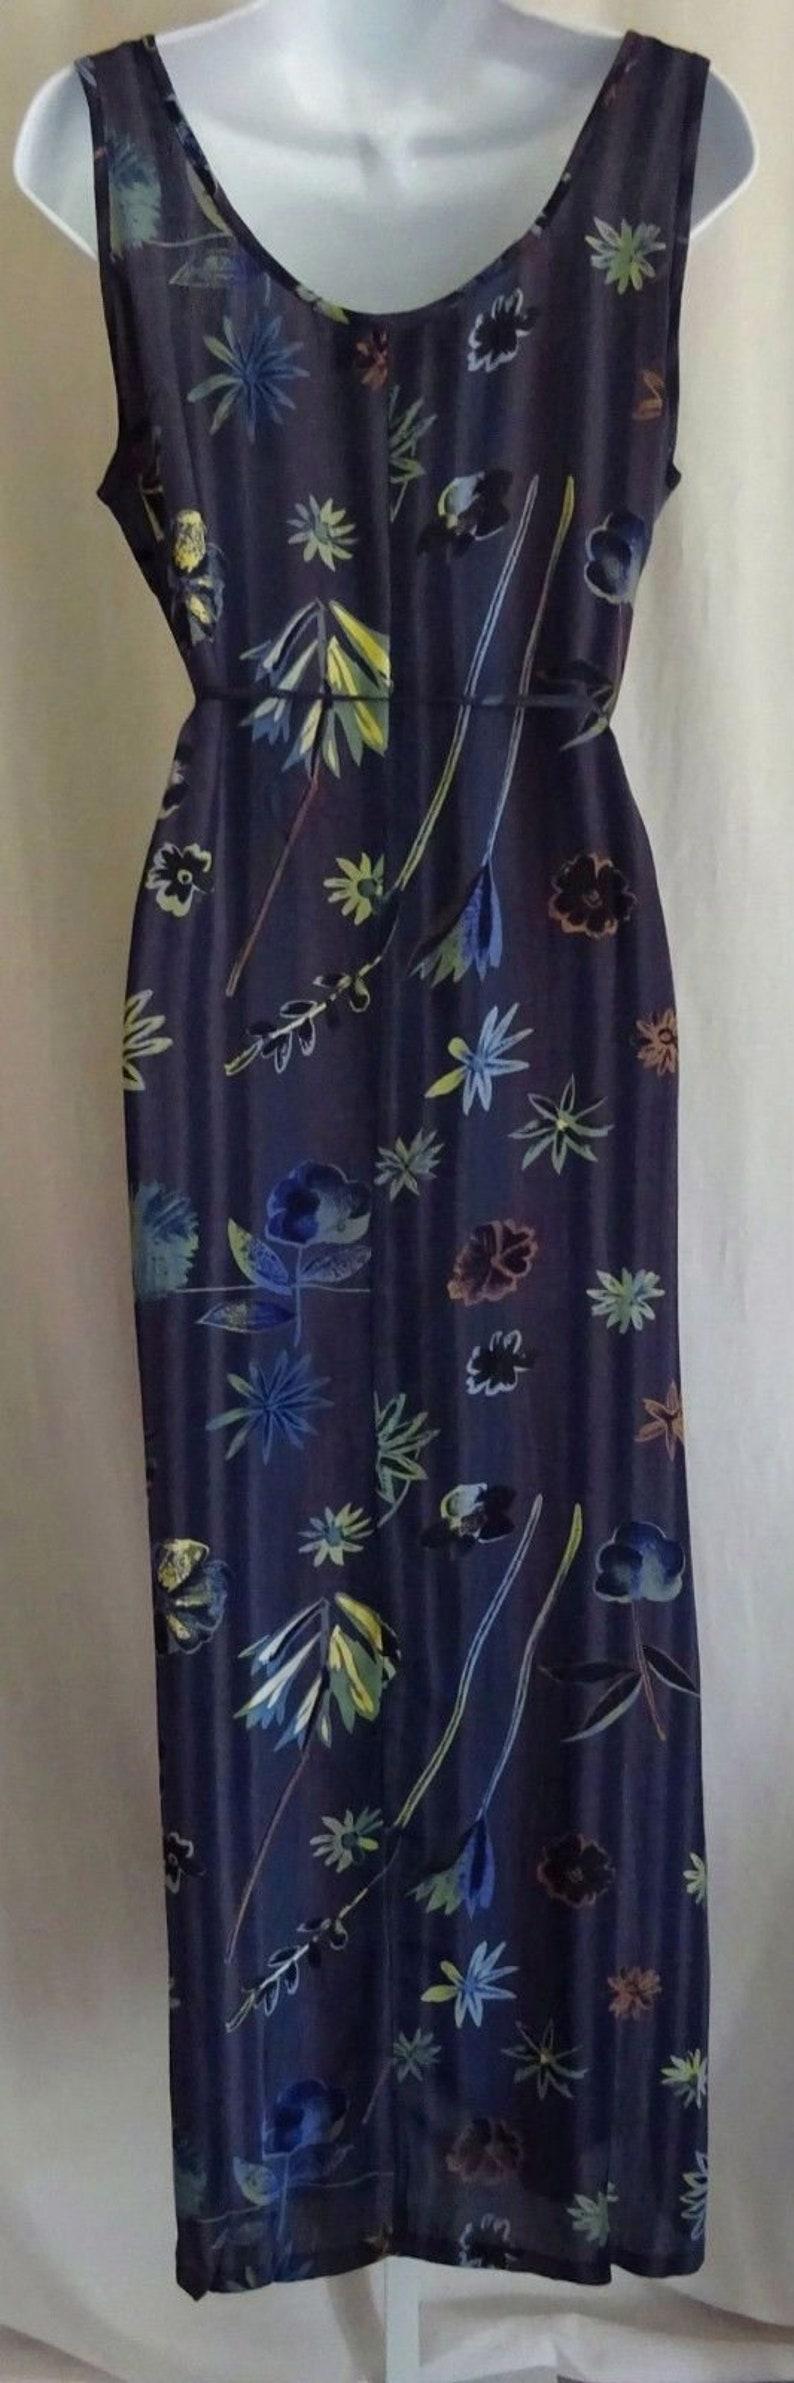 EAMZ AA14 SACRED THREADS Purple Floral Unique Long Dress SM